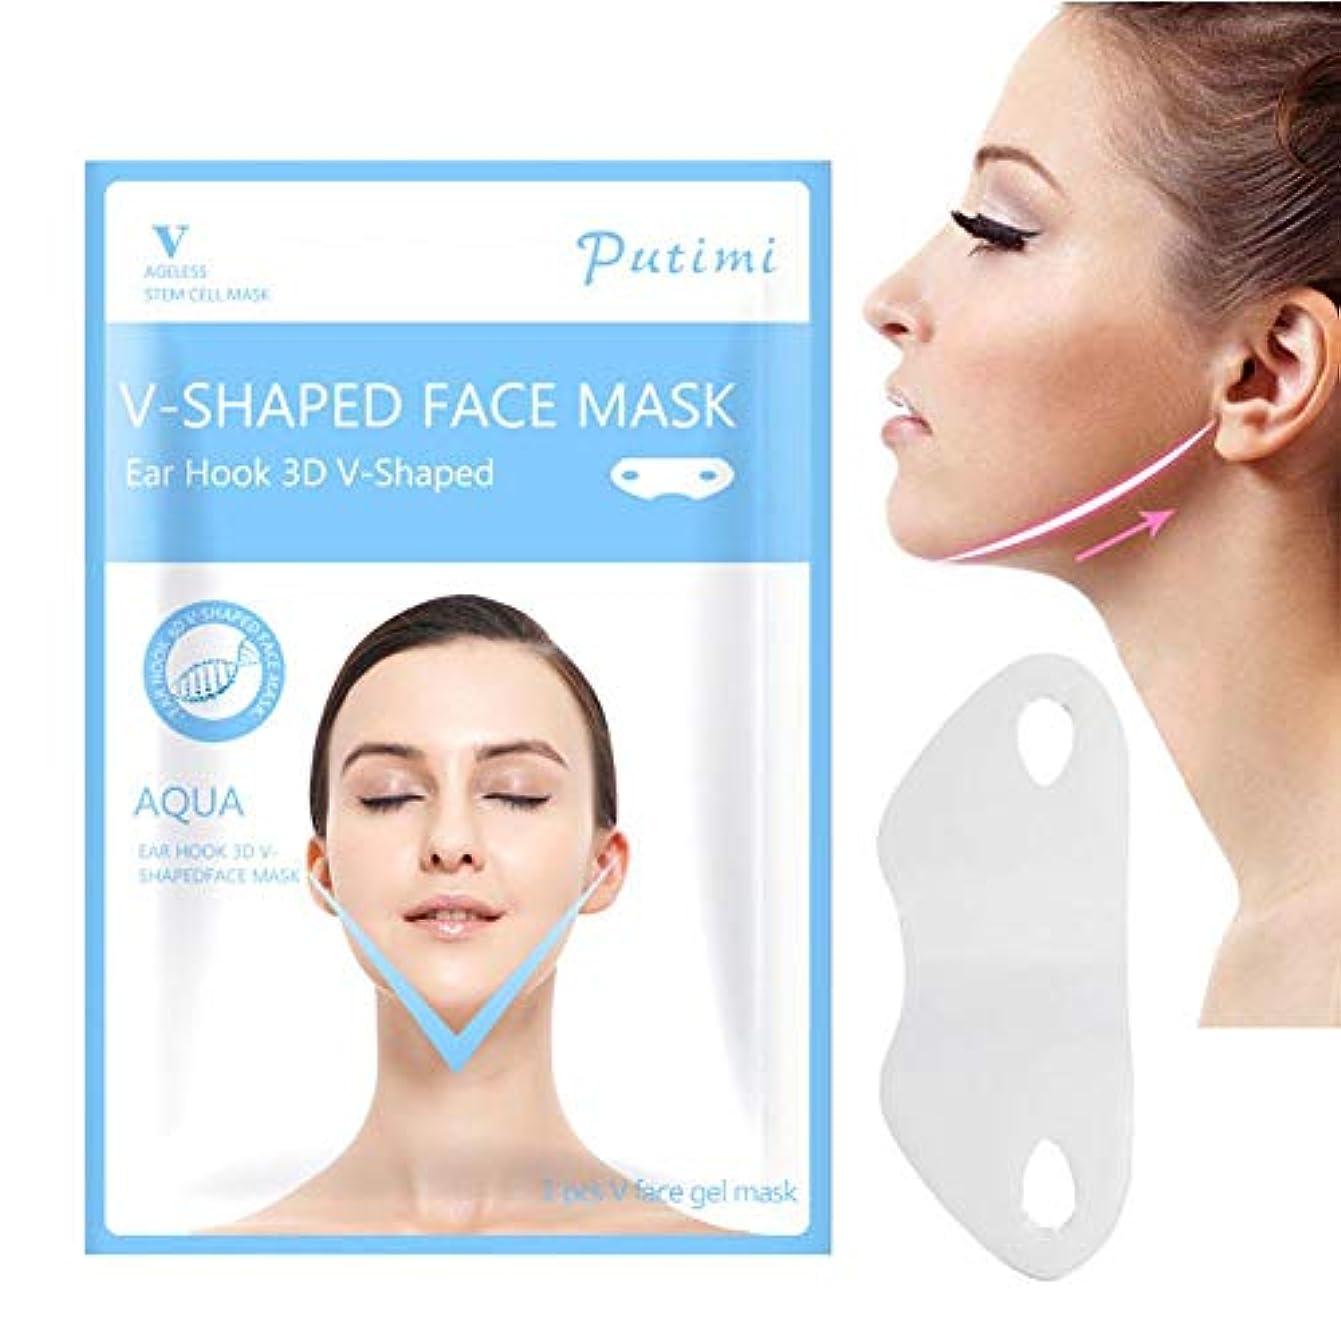 クリーク届ける廃止するSILUN 最新型 Vフェイシャルマスク フェイスマスク 小顔 マスク フェイスラインベルト 美顔 顔痩せ 保湿 血行を促進する 睡眠マスク